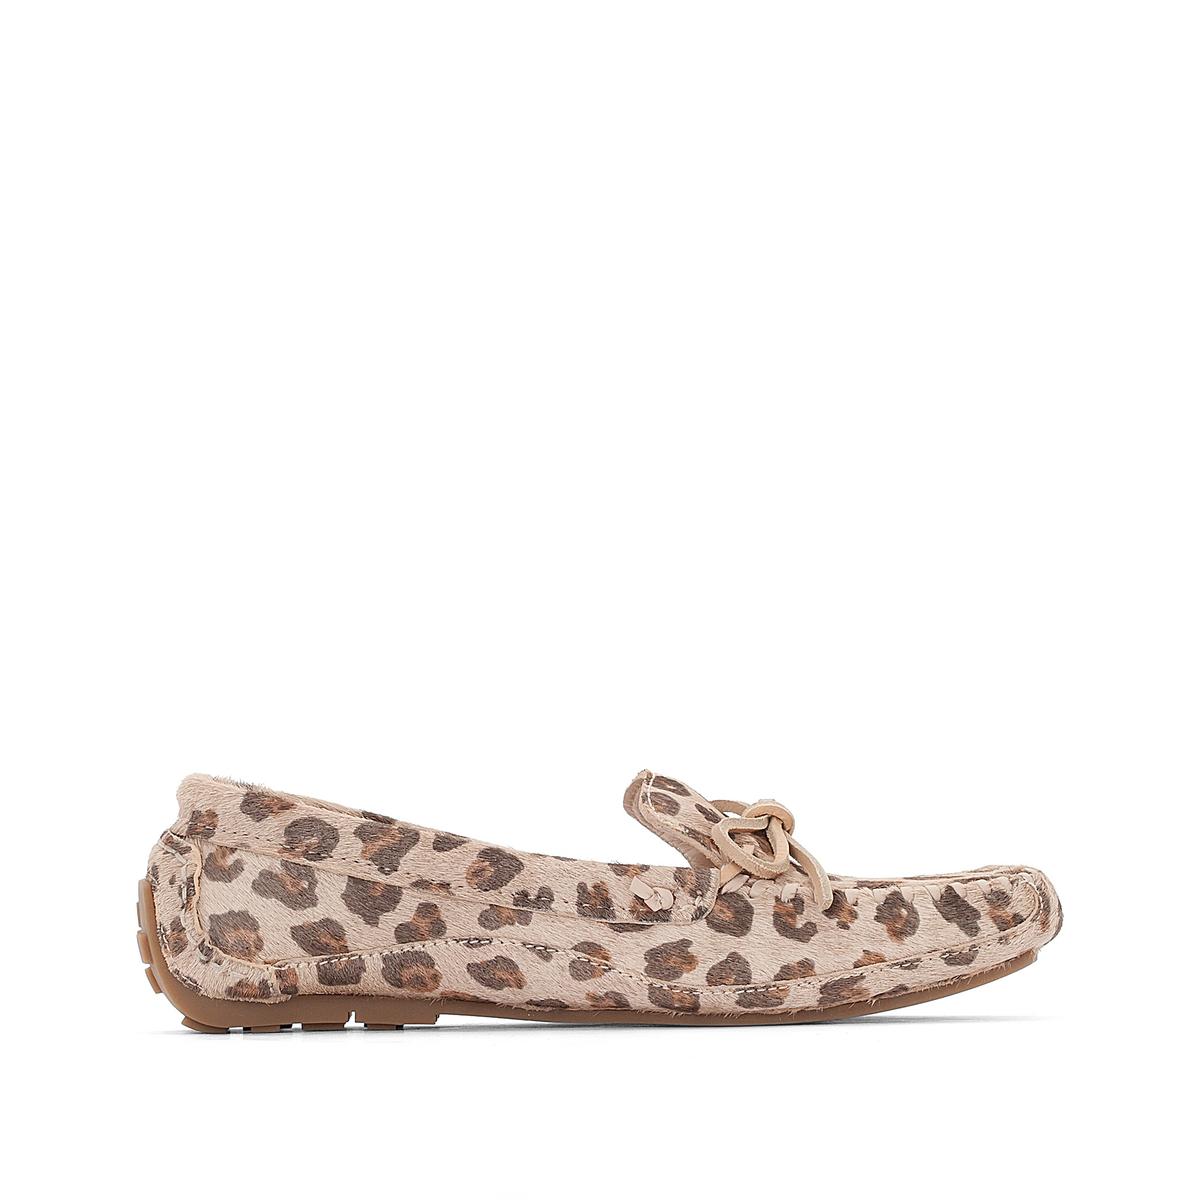 Мокасины кожаные Natala RioВерх : Кожа.   Подкладка : Кожа.   Стелька : Кожа.   Подошва : Каучук   Высота каблука : 0,5 см   Форма каблука : плоский каблук   Мысок : закругленный   Застежка : без застежки<br><br>Цвет: леопардовый рисунок<br>Размер: 37